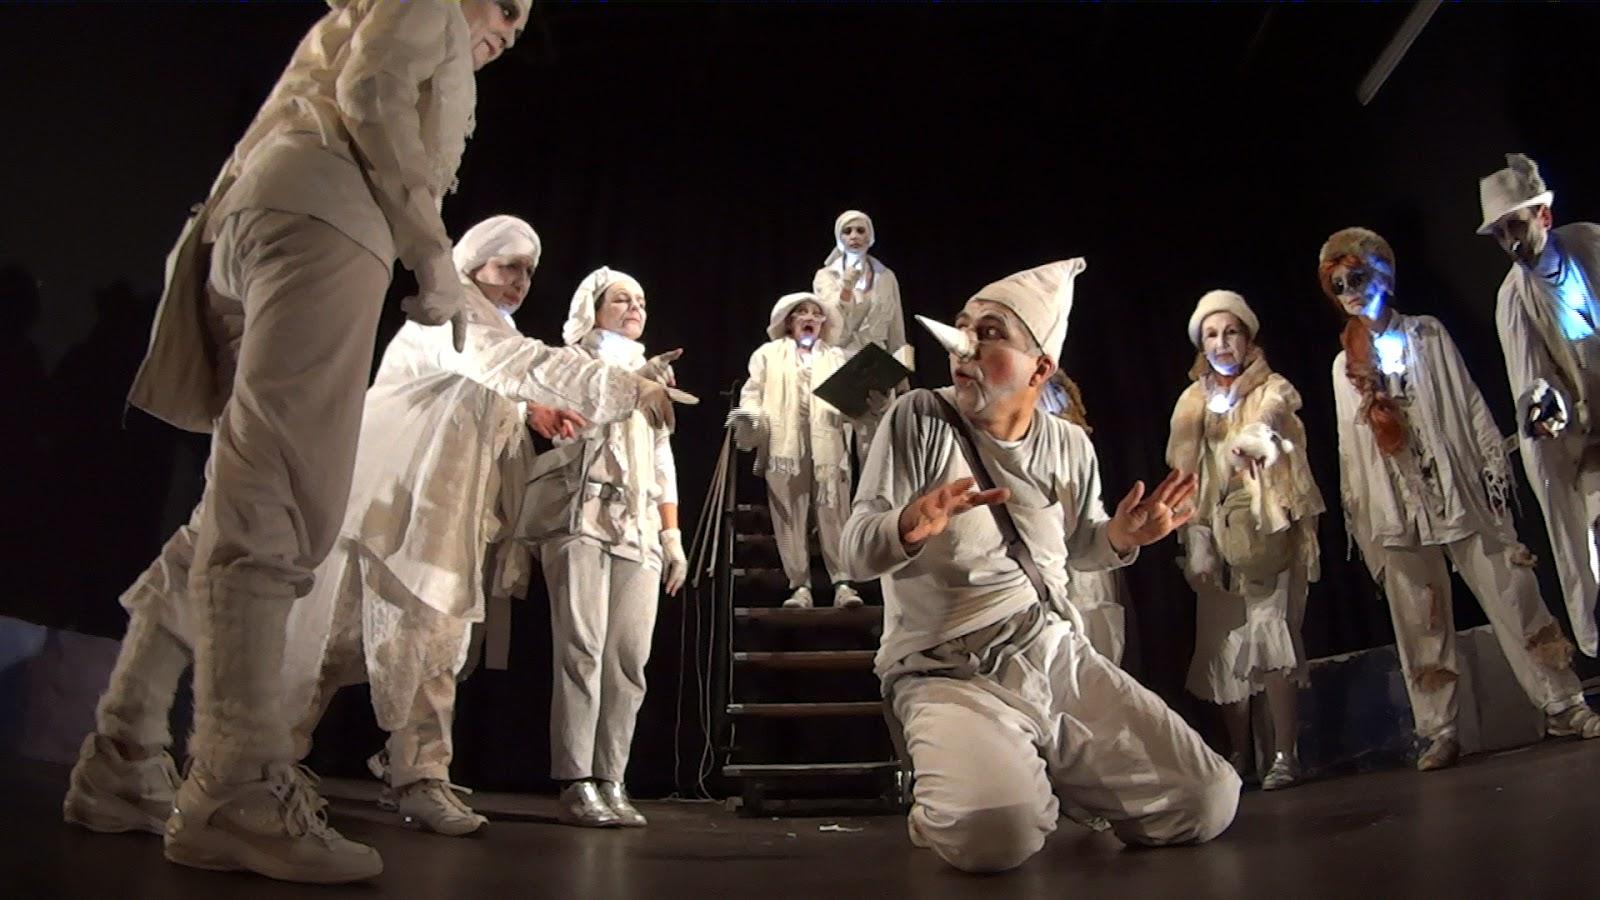 Dama di bacco i vincitori della quinta edizione del concorso regionale di teatro amatoriale di - I giardini di bacco ...